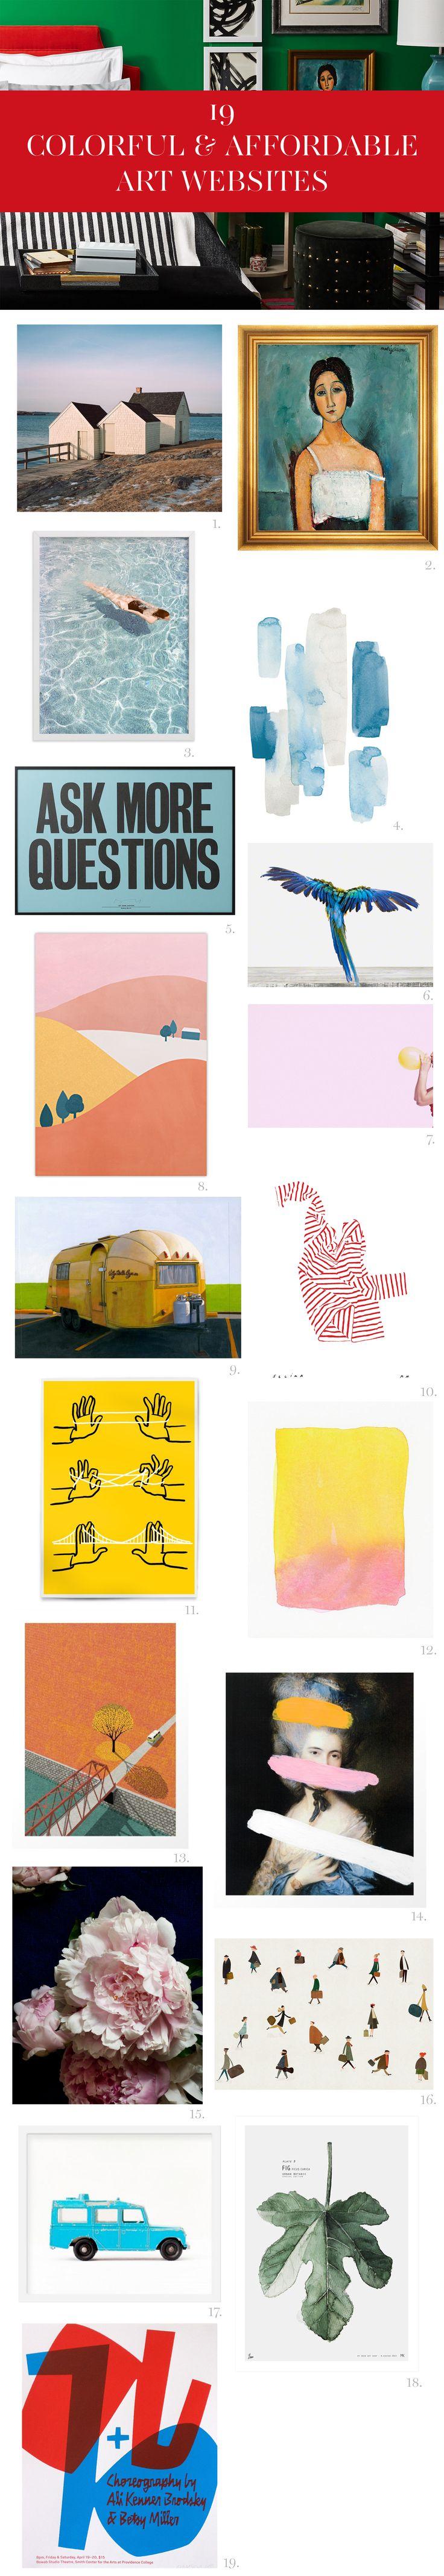 19 Colorful & Affordable Art Websites